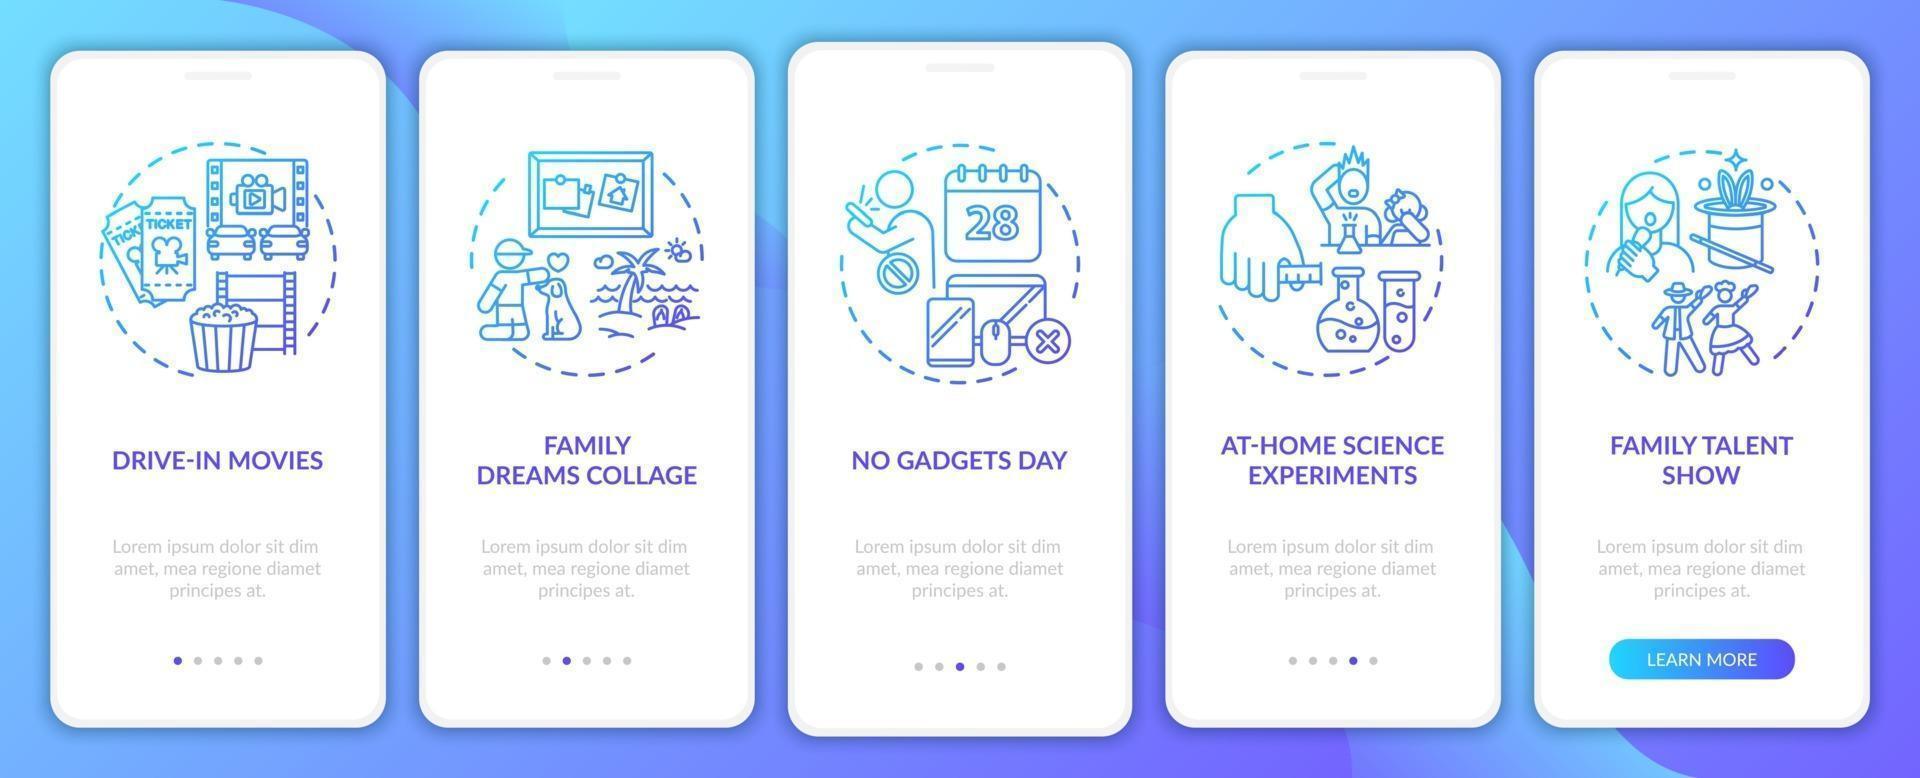 Écran de la page de l'application mobile d'intégration d'idées amusantes en famille avec des concepts vecteur